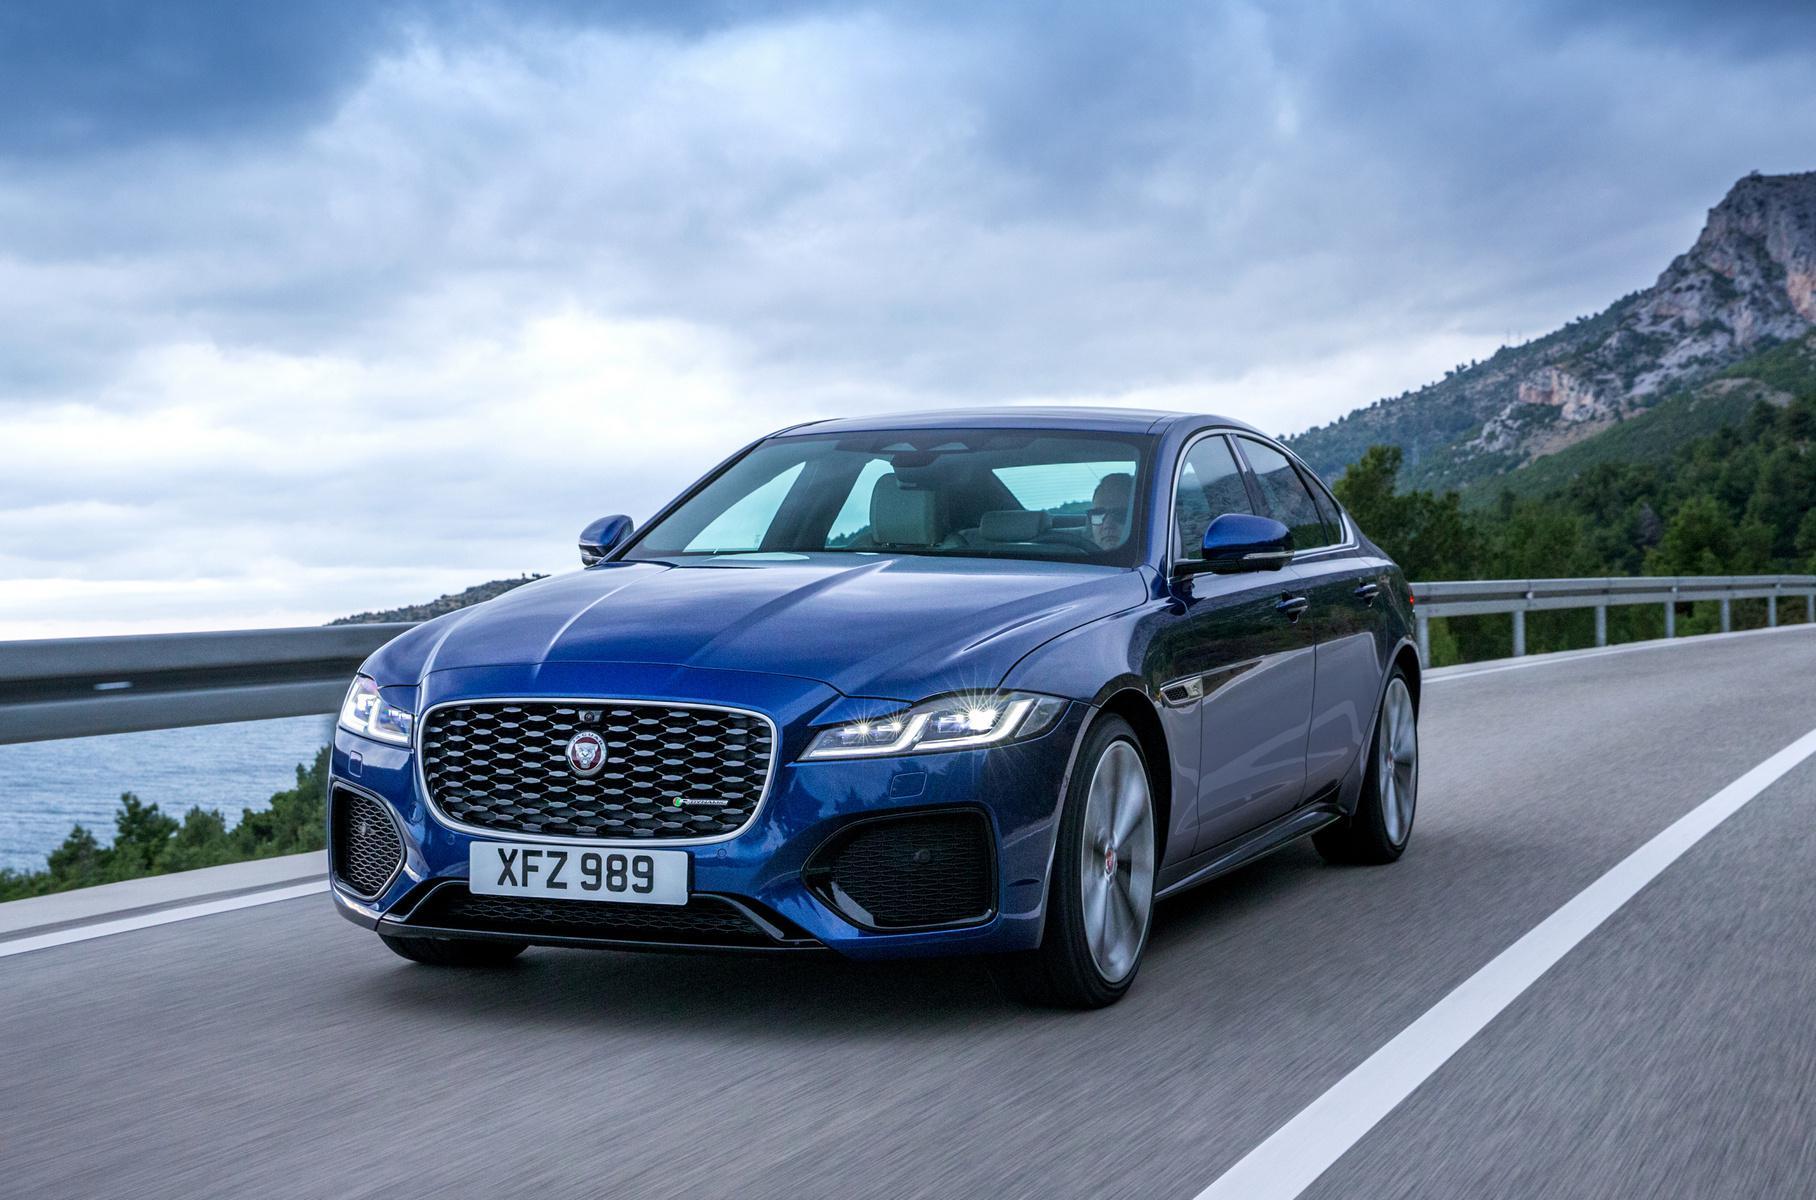 Jaguar Land Rover приостановит производство на двух британских заводах из-за нехватки чипов